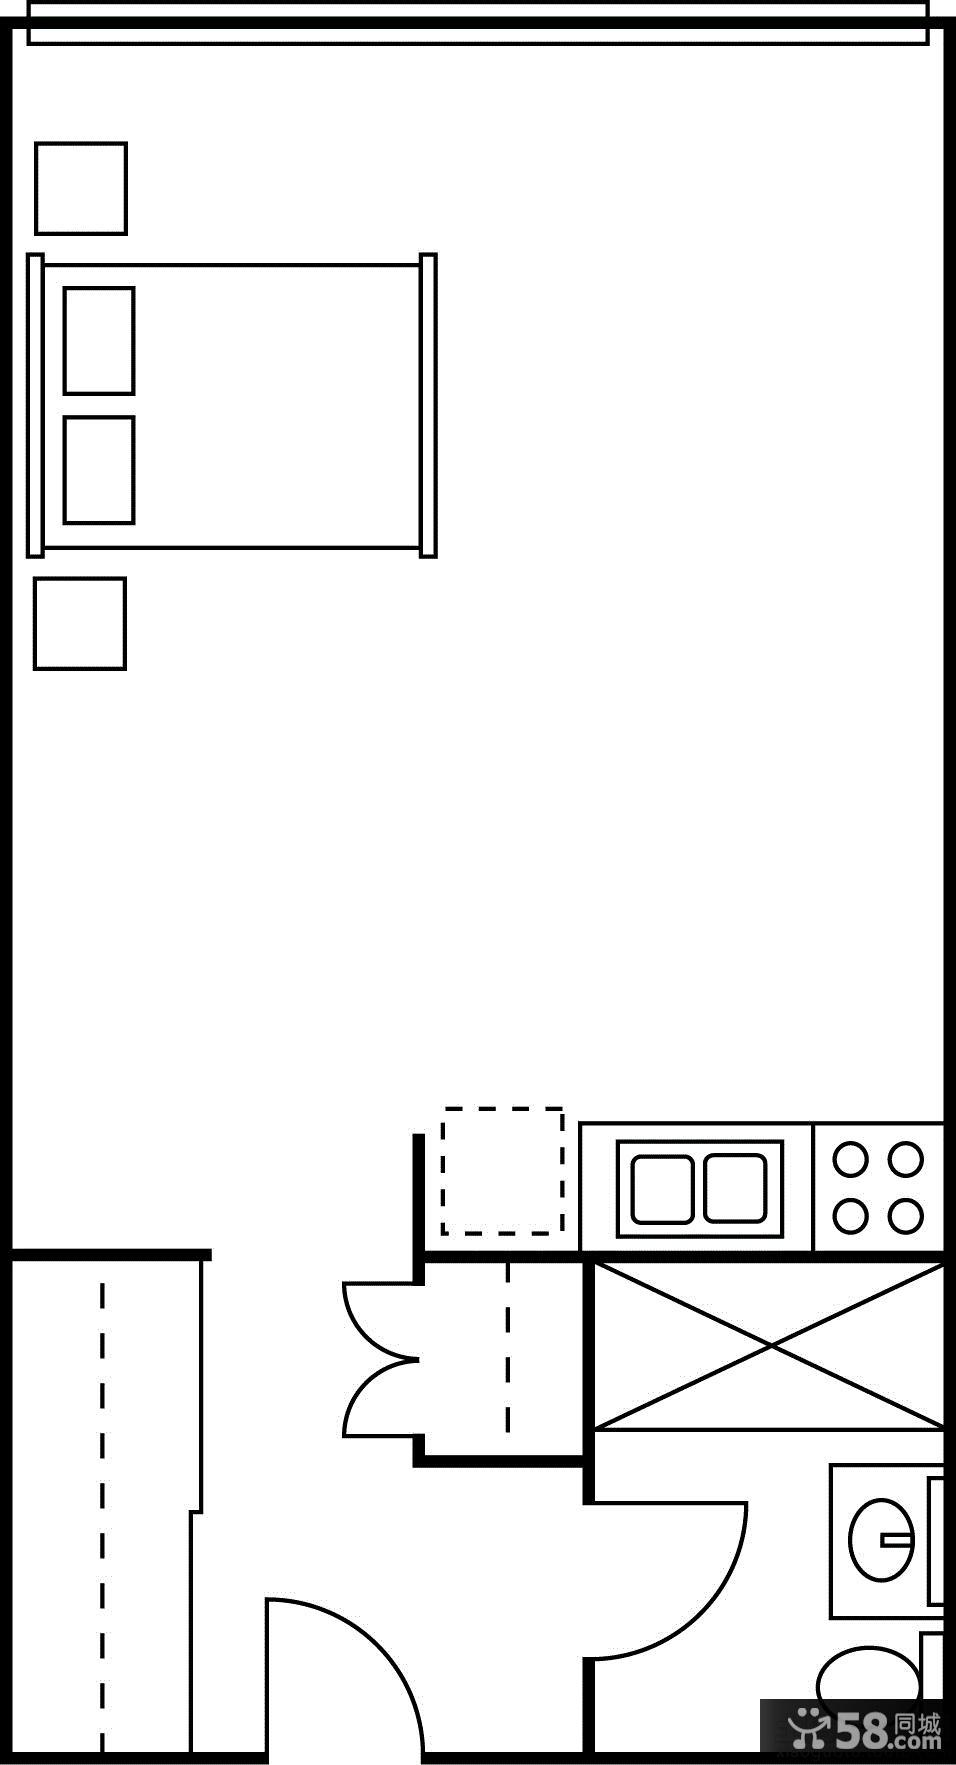 【单身公寓装修平面图】